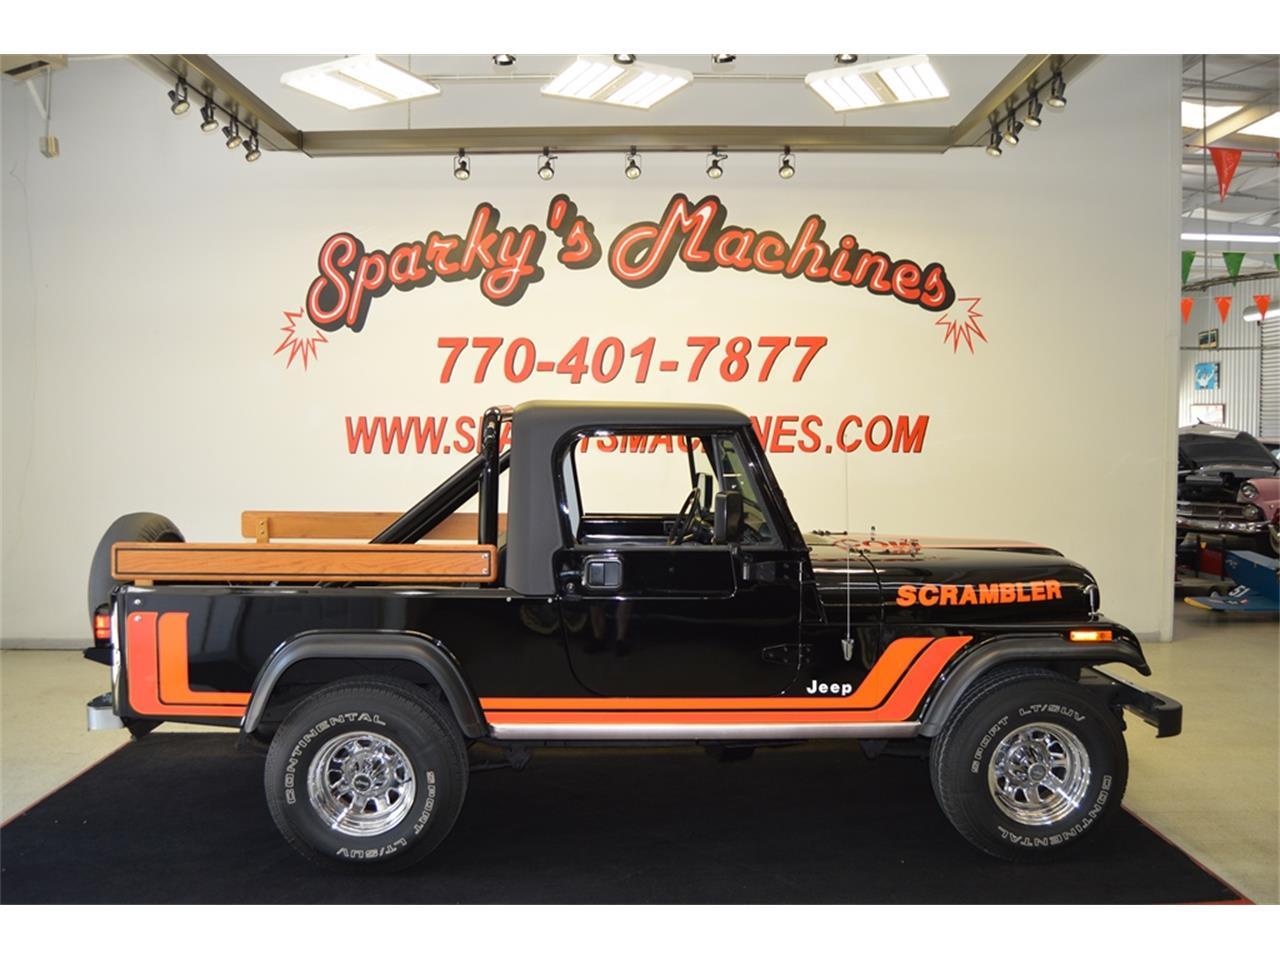 For Sale 1981 Jeep Cj8 Scrambler In Loganville Georgia